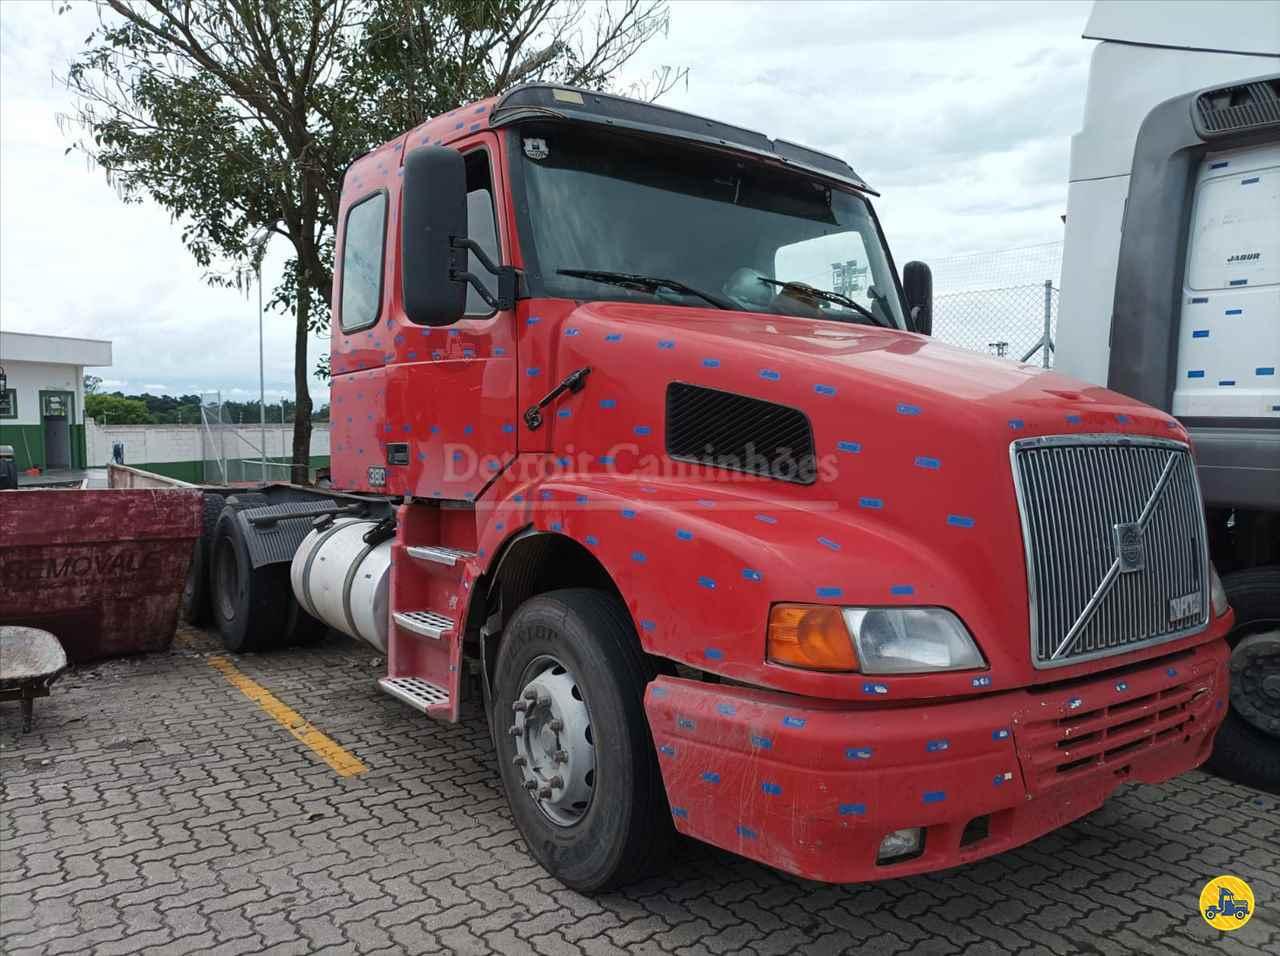 CAMINHAO VOLVO VOLVO NH12 380 Cavalo Mecânico Truck 6x2 Detroit Caminhões SAO JOSE DOS CAMPOS SÃO PAULO SP